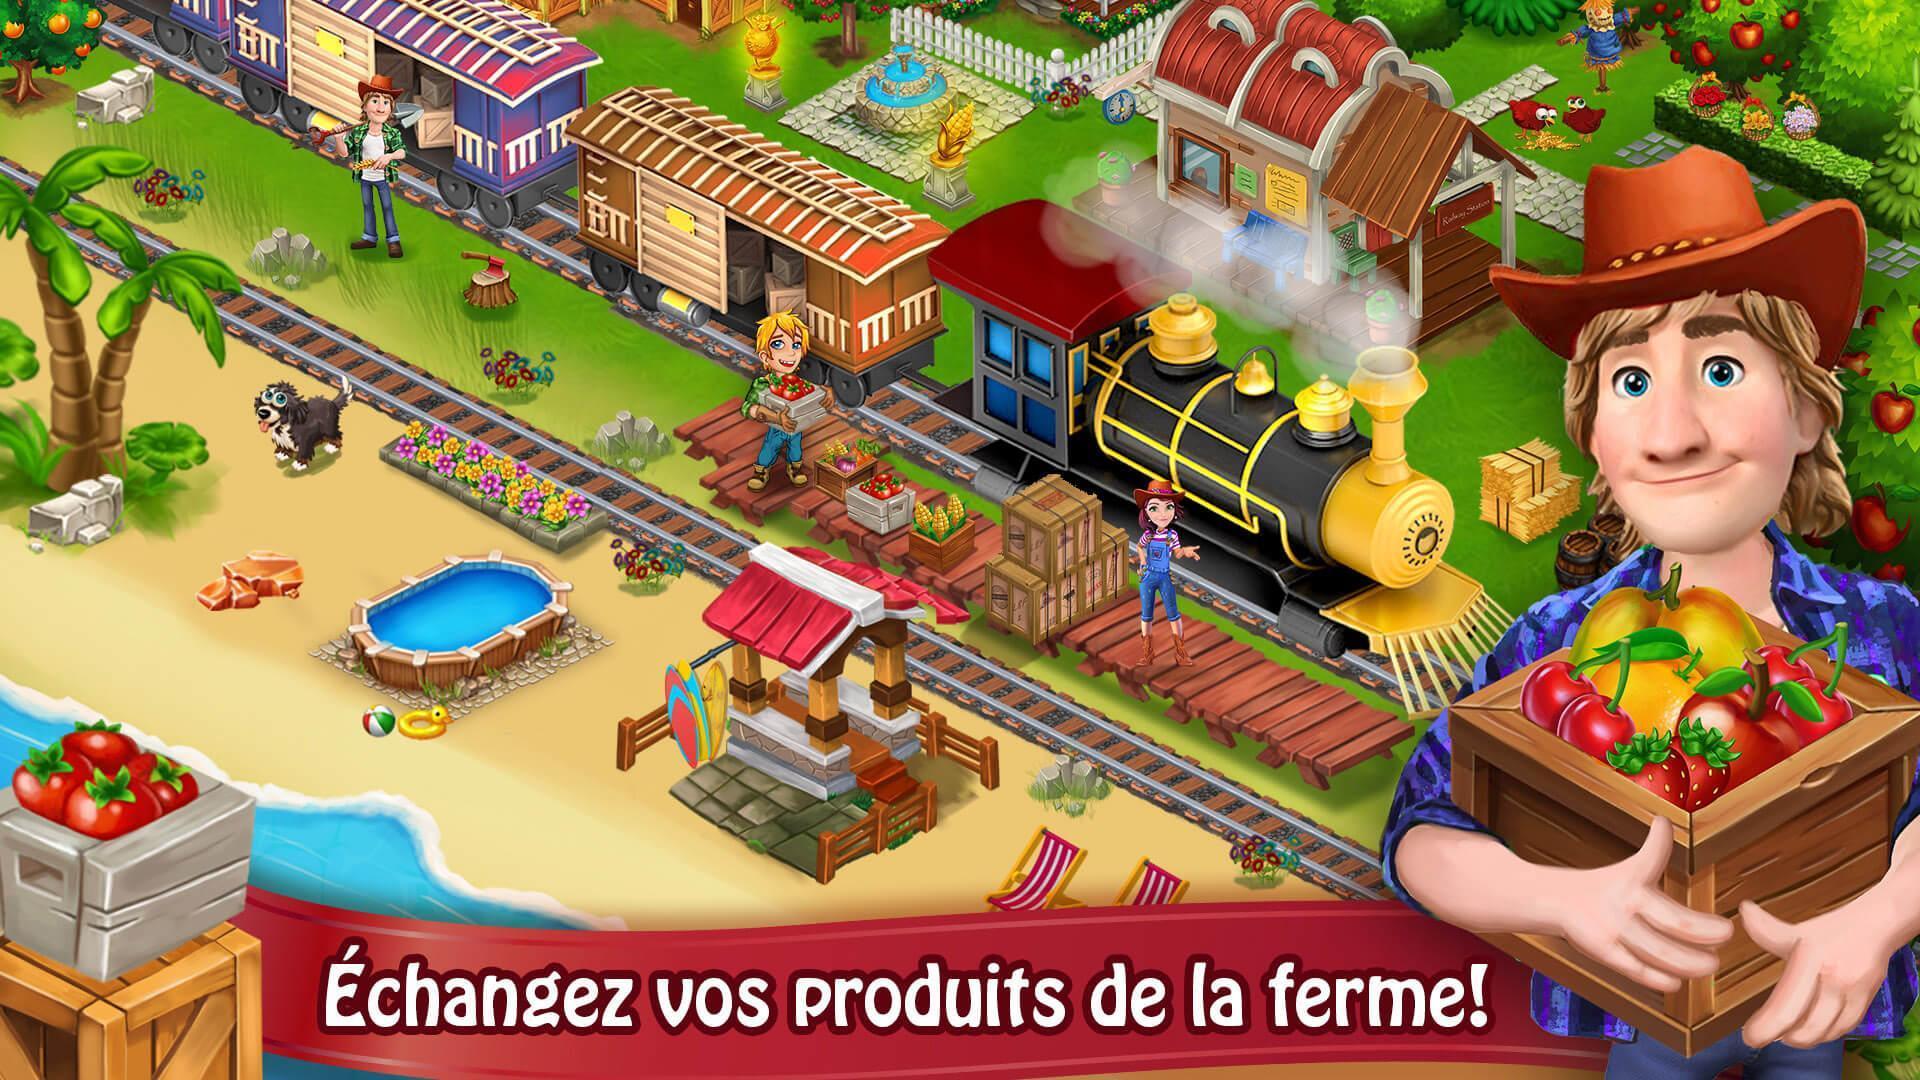 Jour Farm Village: Agriculture Jeux Hors Ligne Pour Android concernant Jeux En Ligne De Ferme